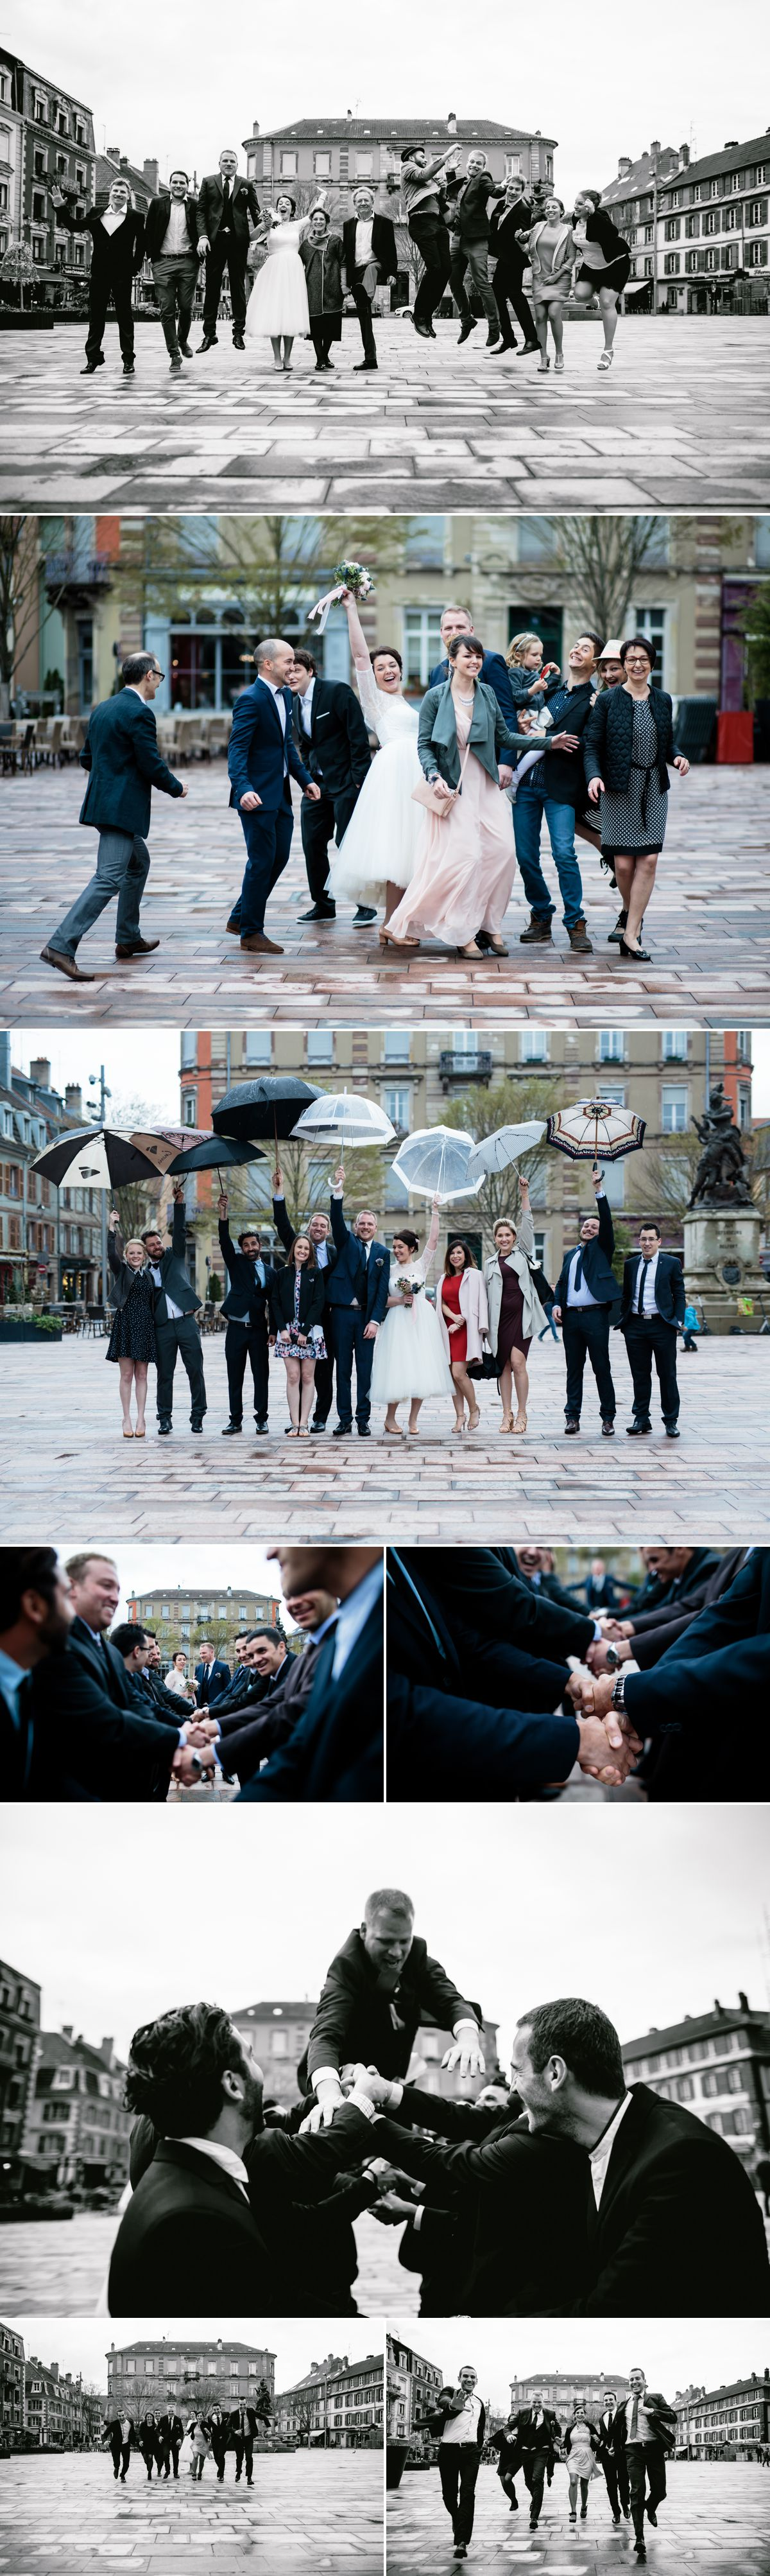 emiliekphotgraphie-mariage-franchecomté-belfort-paulineetjeannoel 3